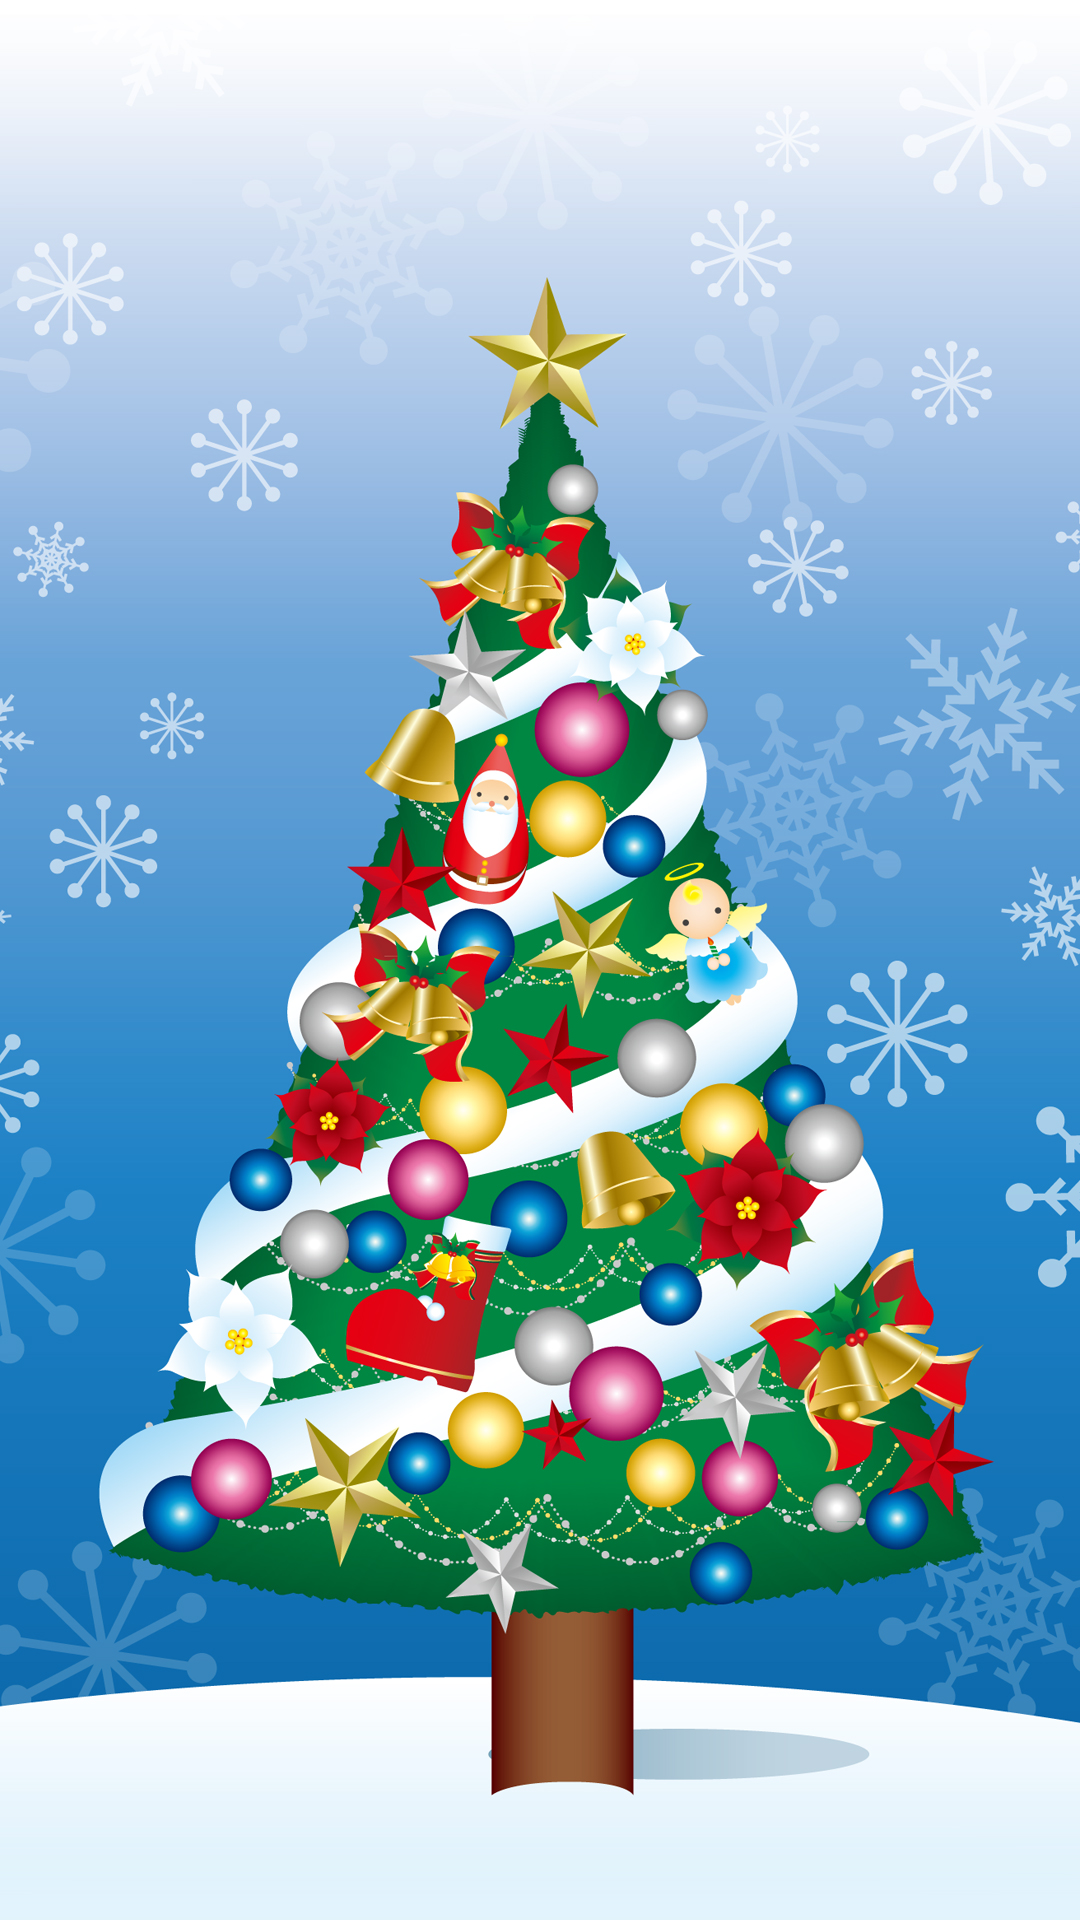 クリスマス ソング オルゴール 無料 ダウンロード